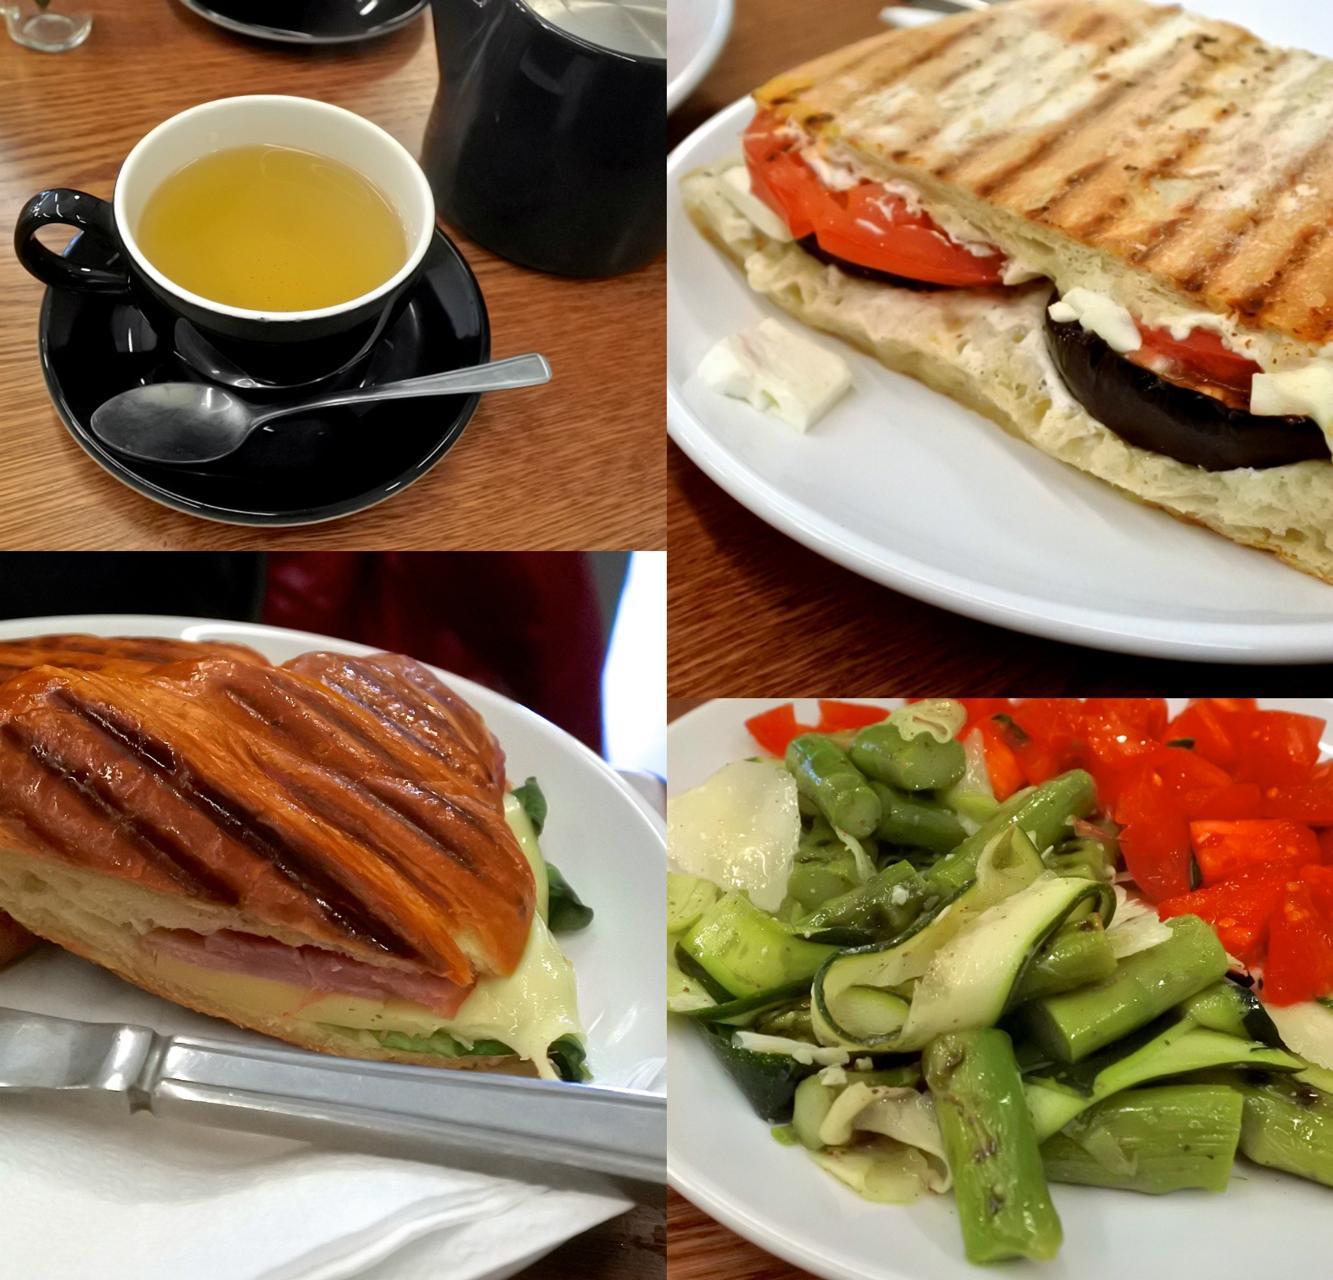 サンドイッチ大好きゆえに、あまり食べ過ぎないようにしているサンドイッチ・・・こうして友人とシェアしつつランチに食べるって私にとって至福のときなのですw